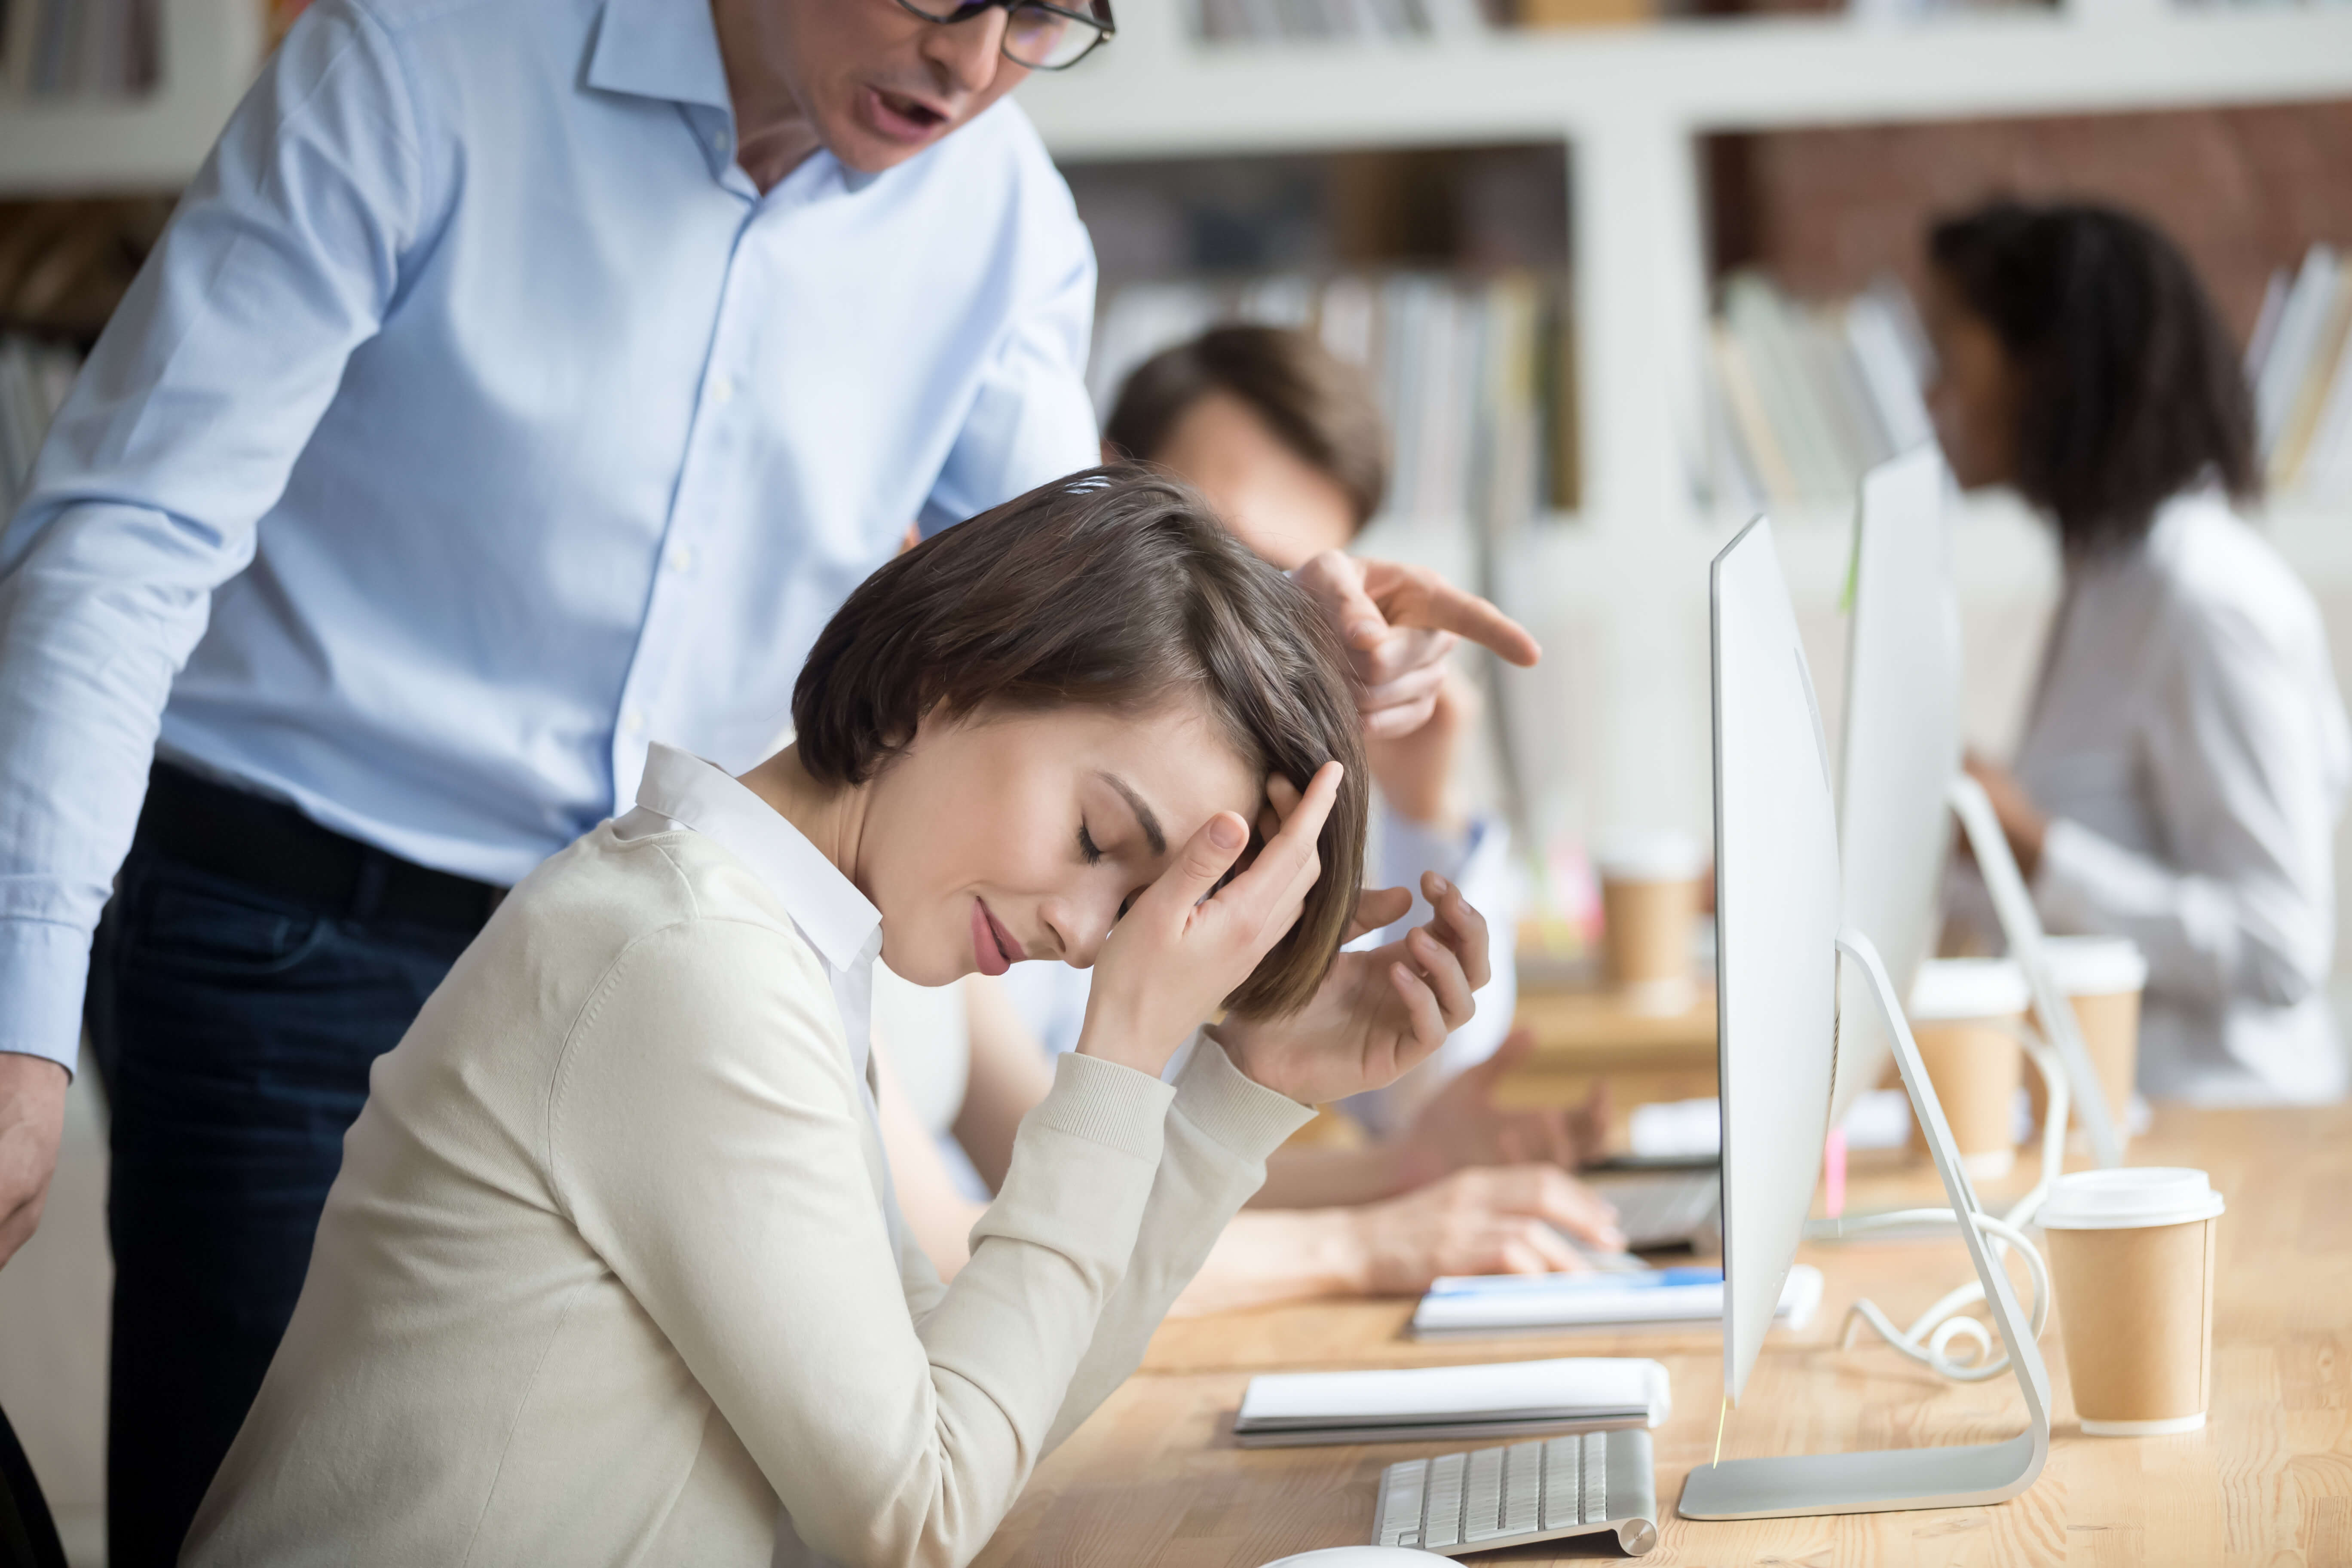 האם אנשים עם אישיות בלתי נעימה צוברים יותר כח בעבודה?